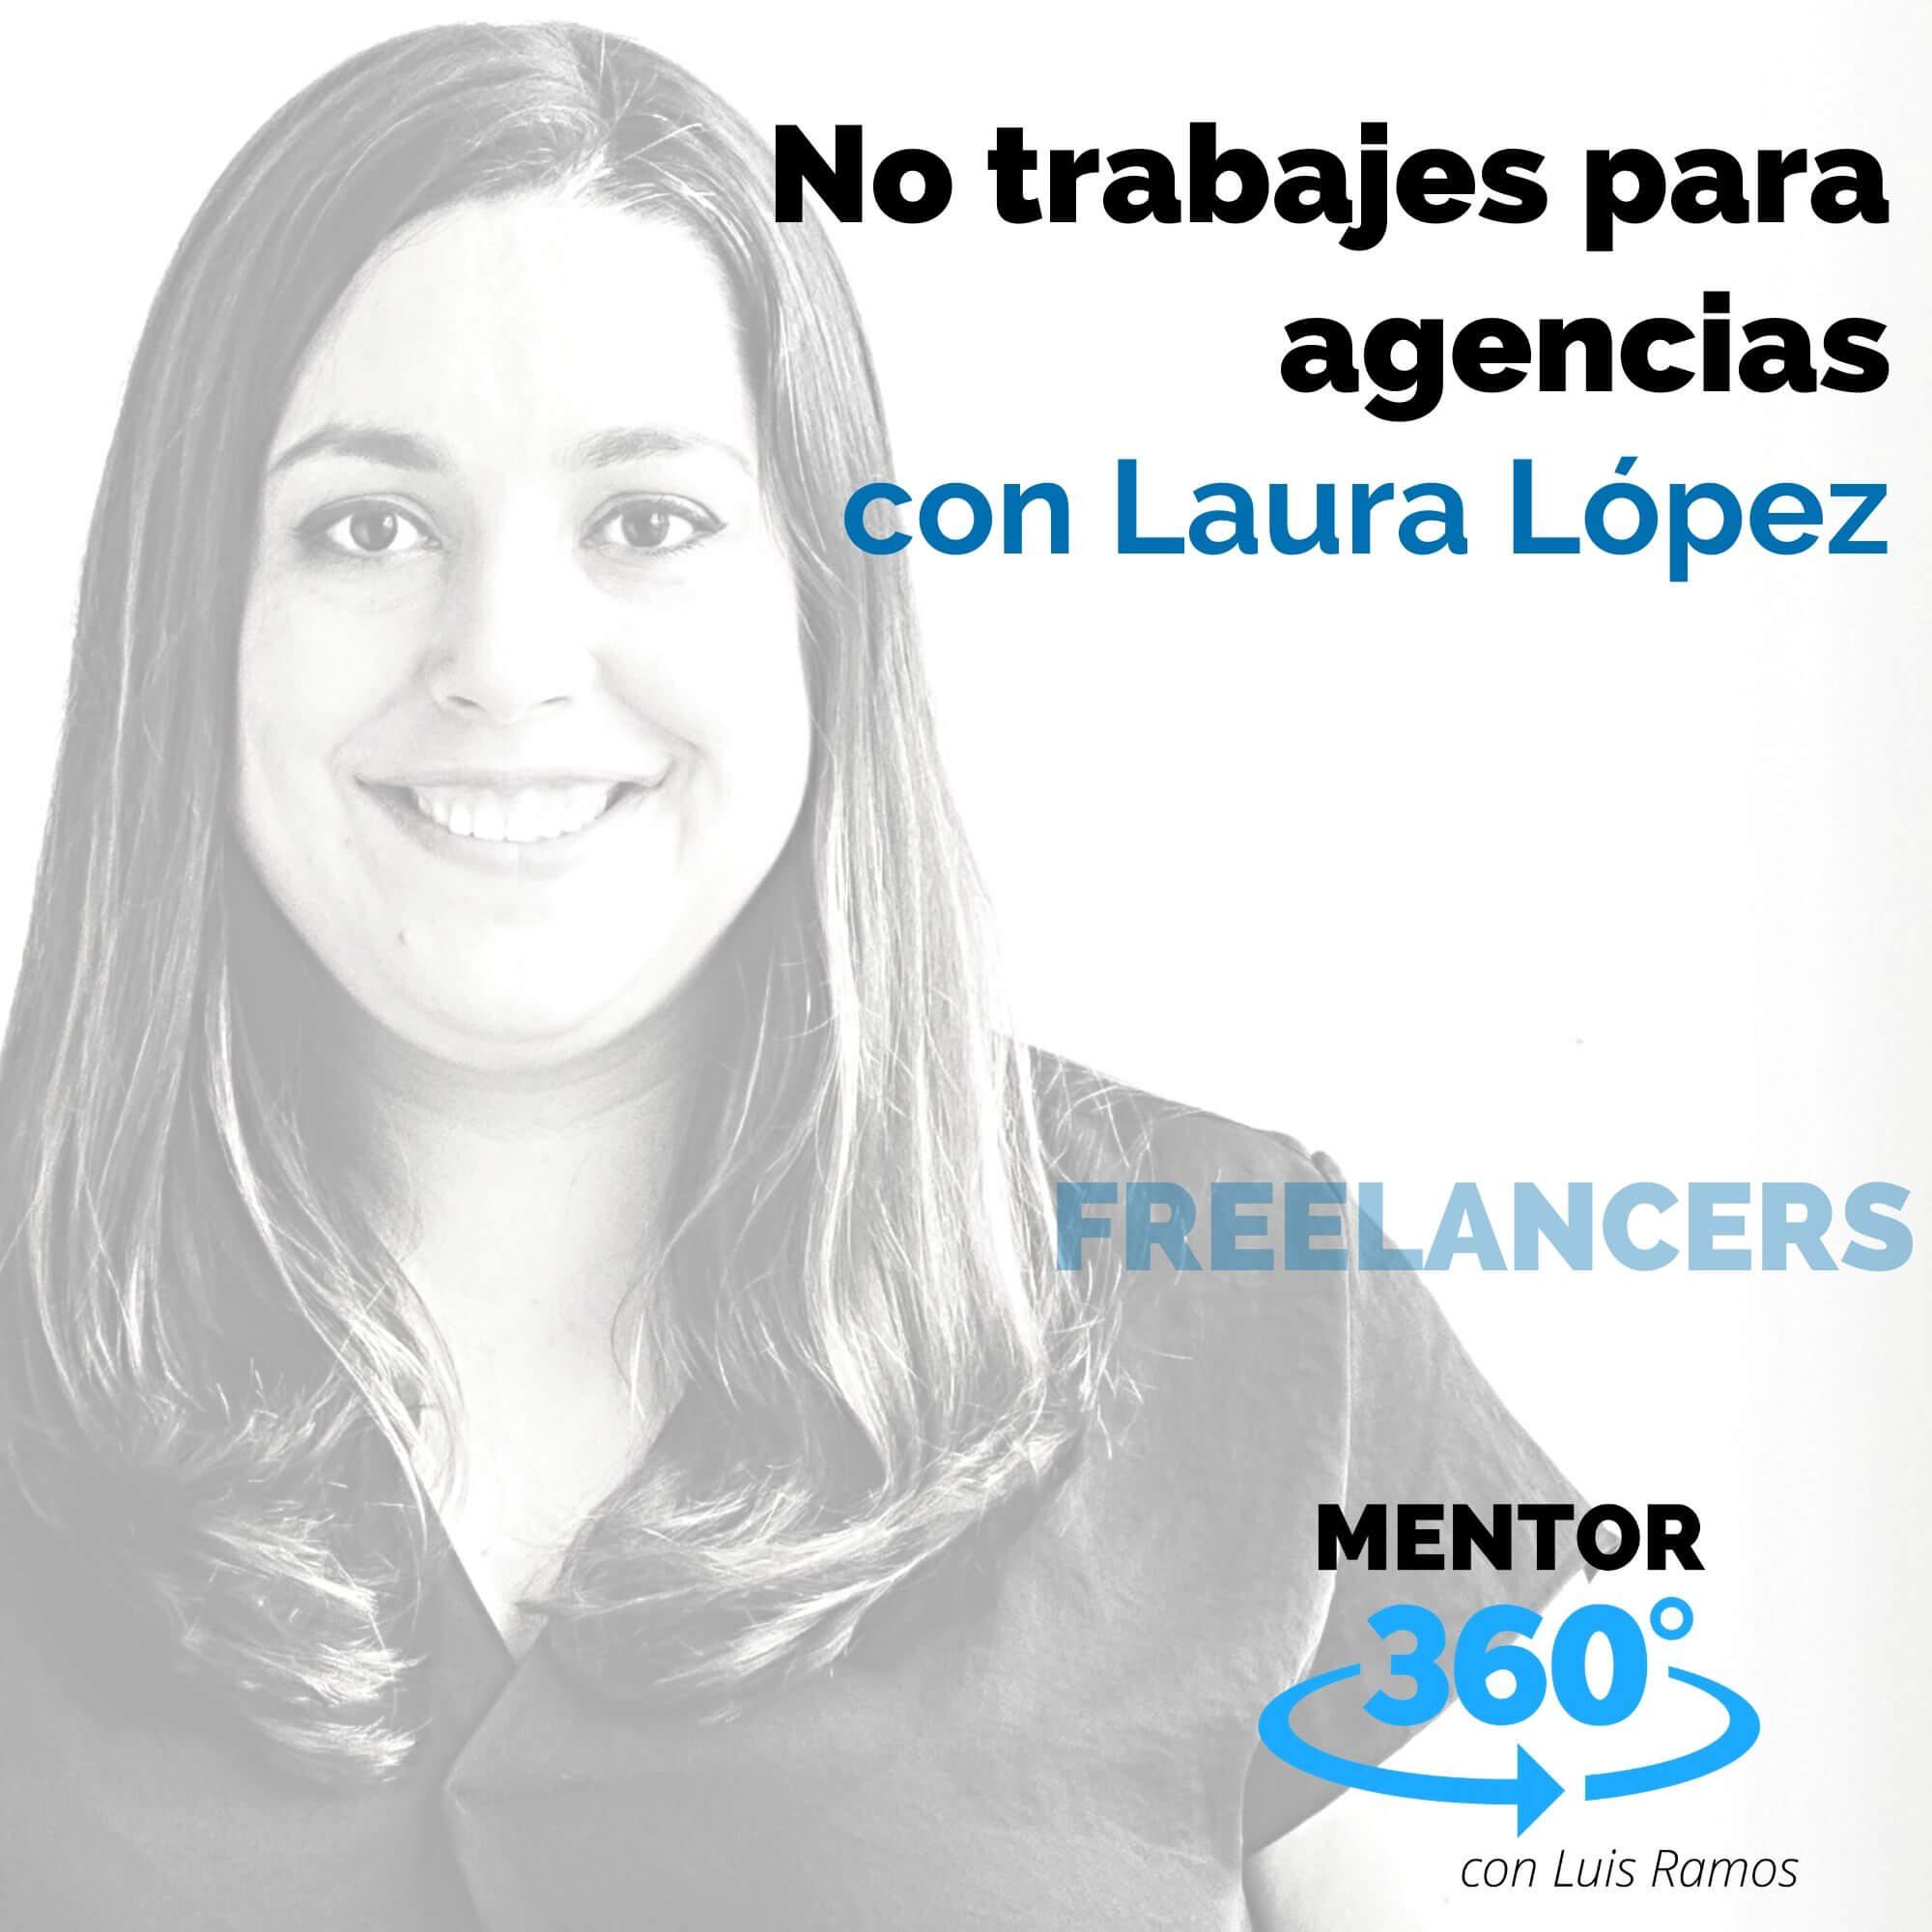 No trabajes para agencias, con Laura López - FREELANCERS